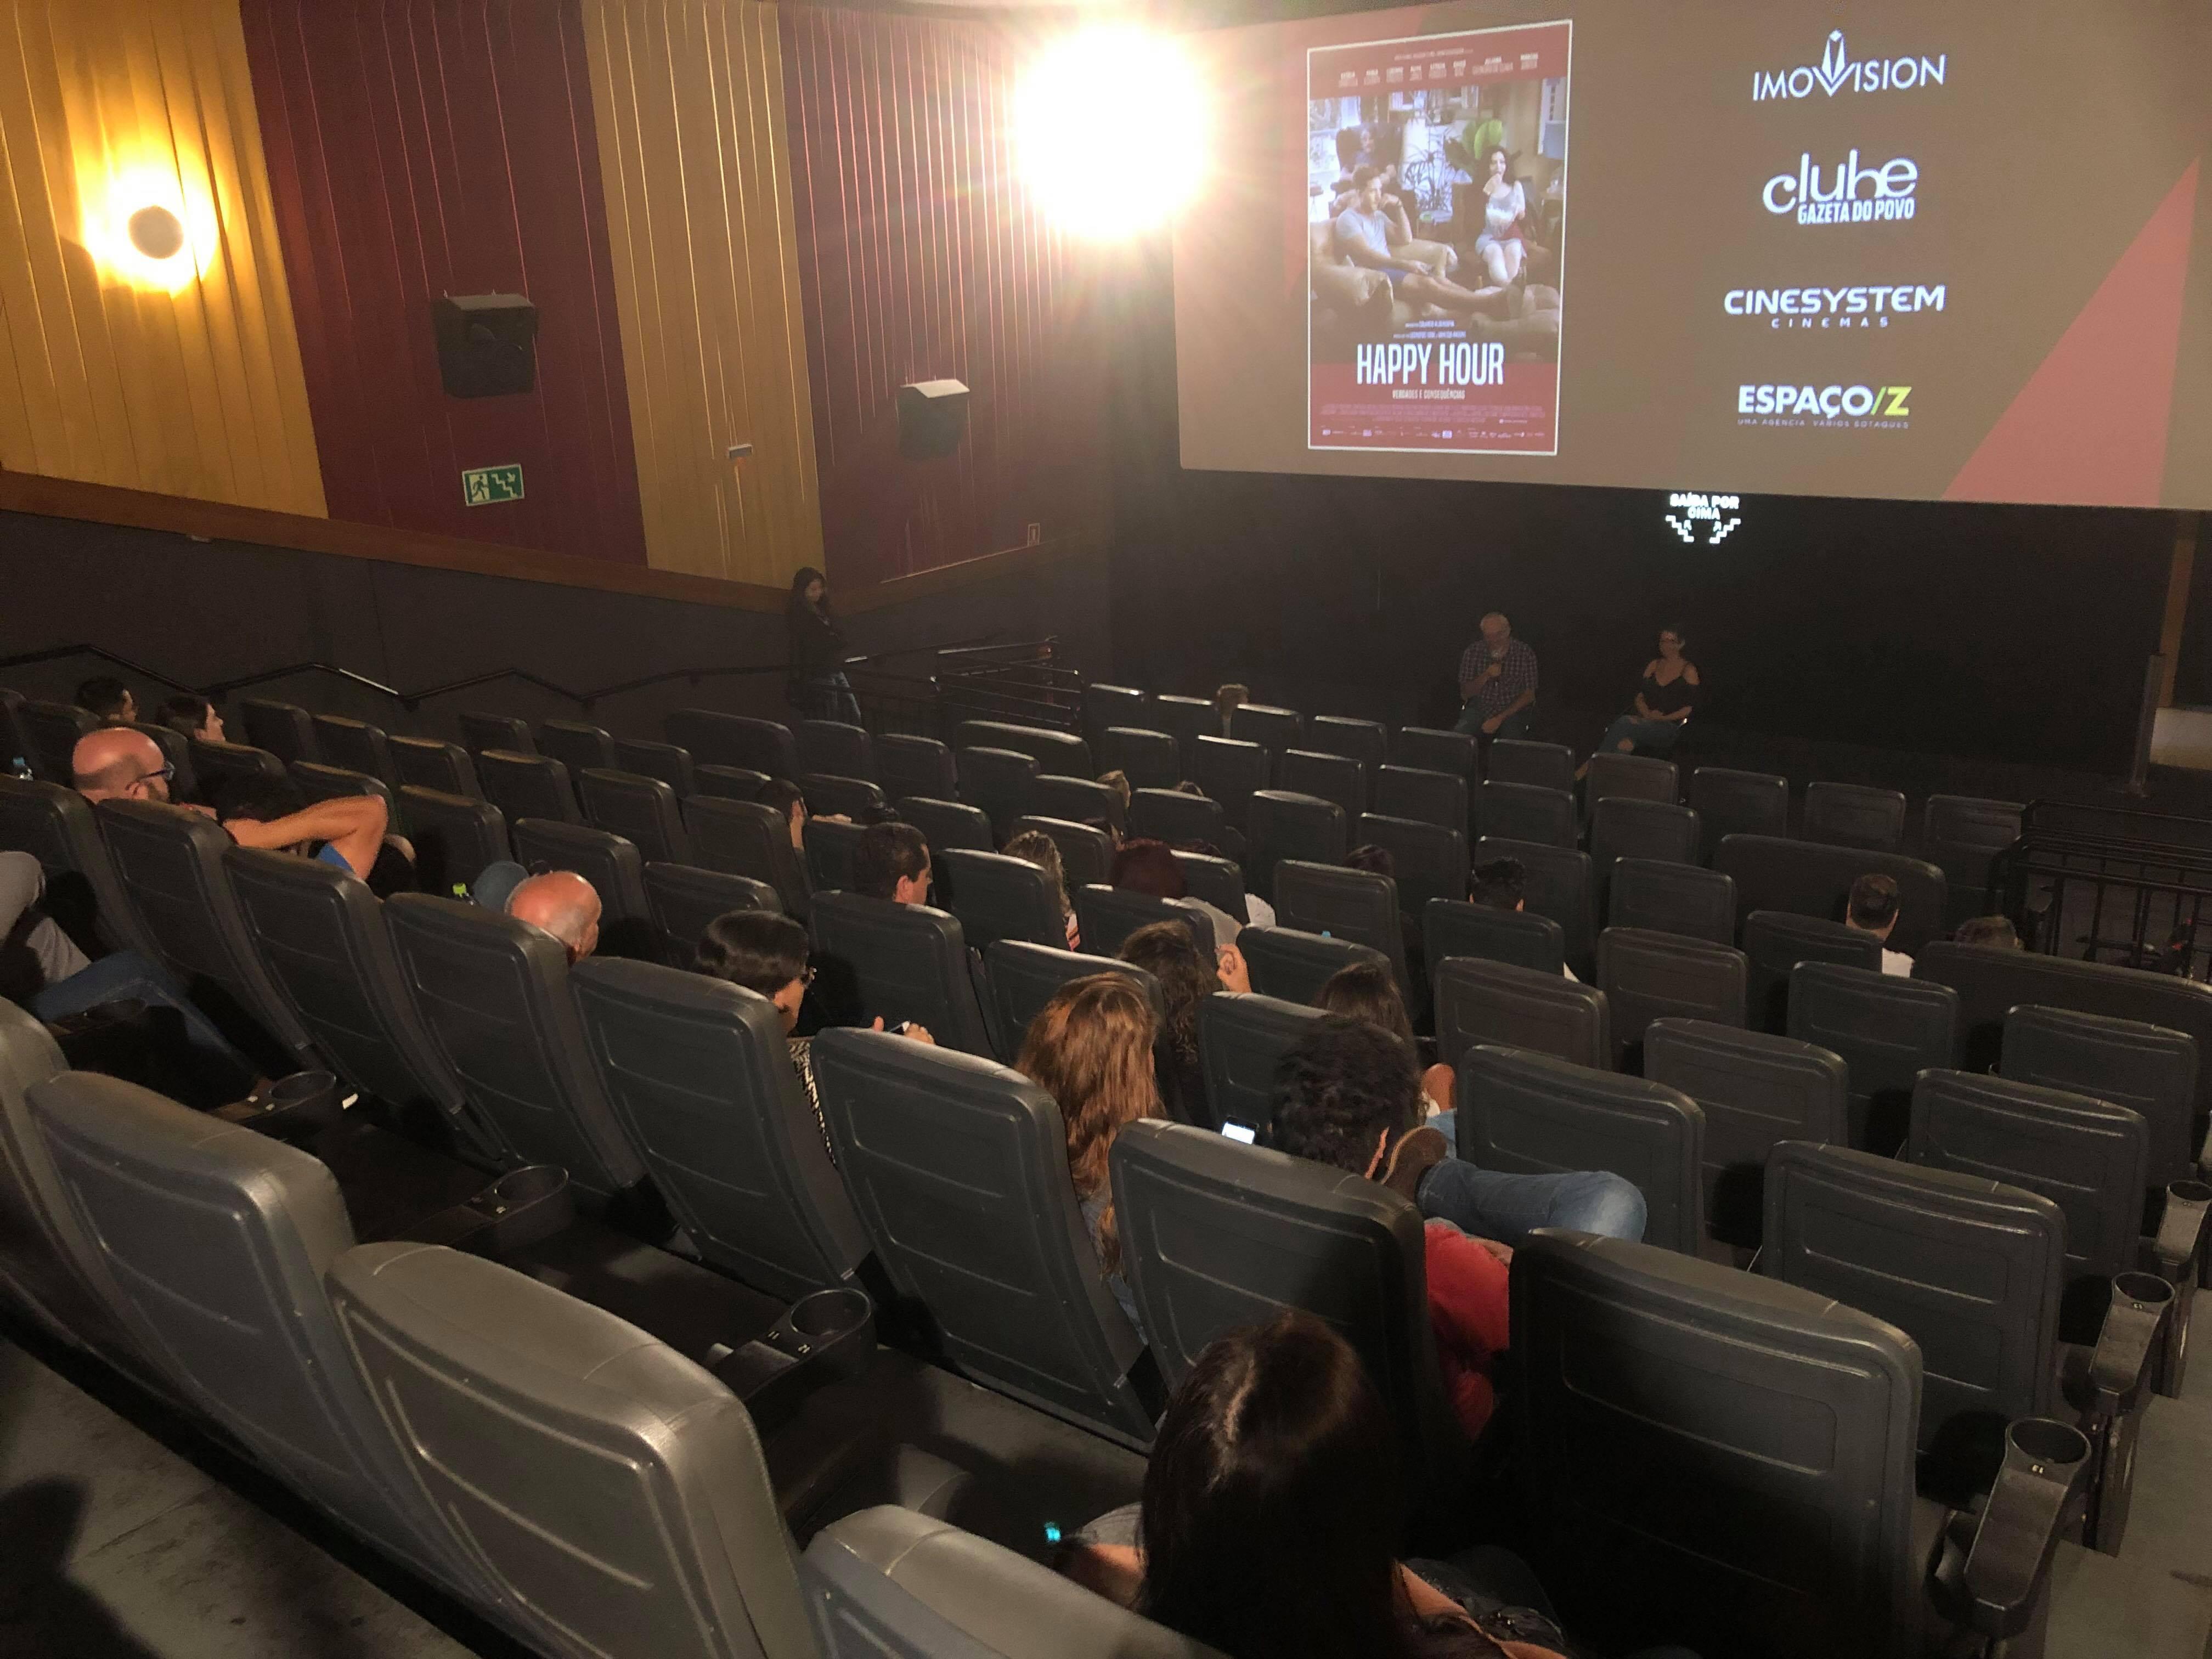 Assinantes da Gazeta do Povo assistem a filme brasileiro antes de estrear nos cinemas